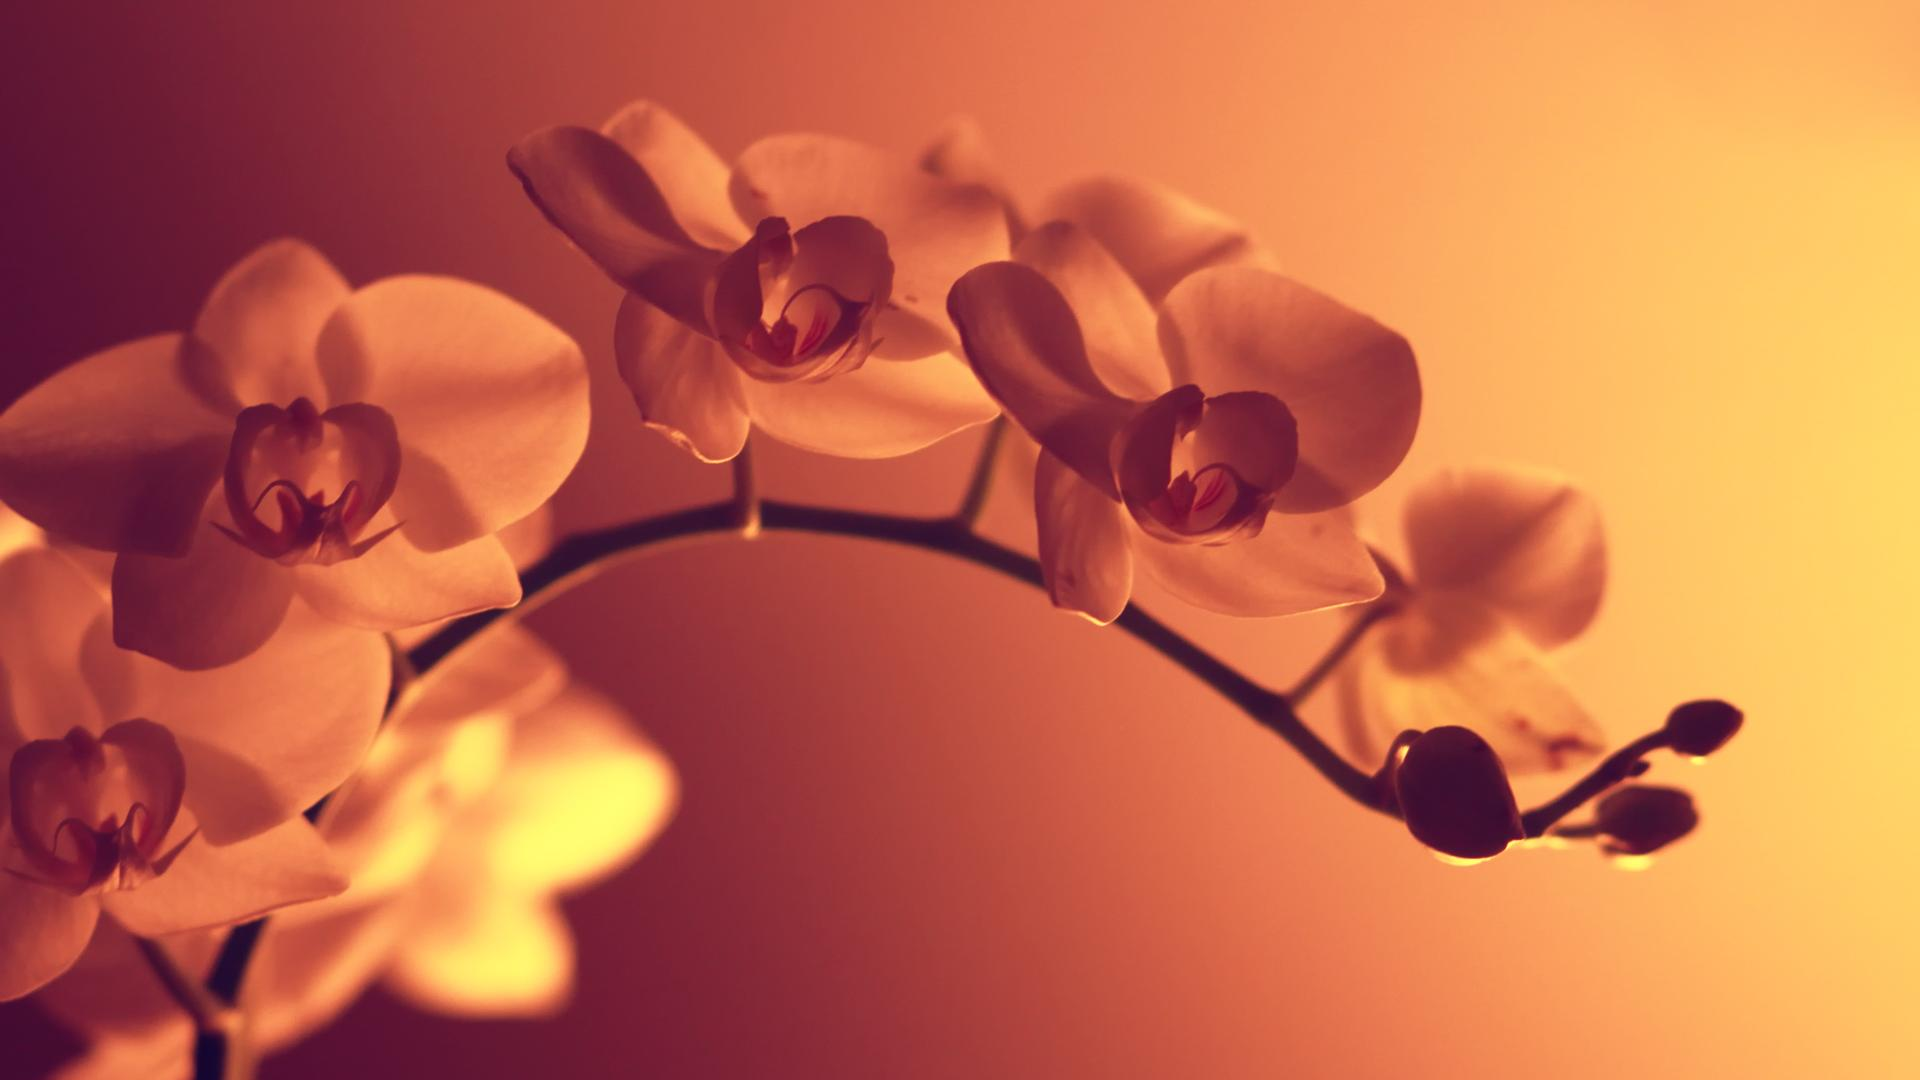 flower wallpaper A6